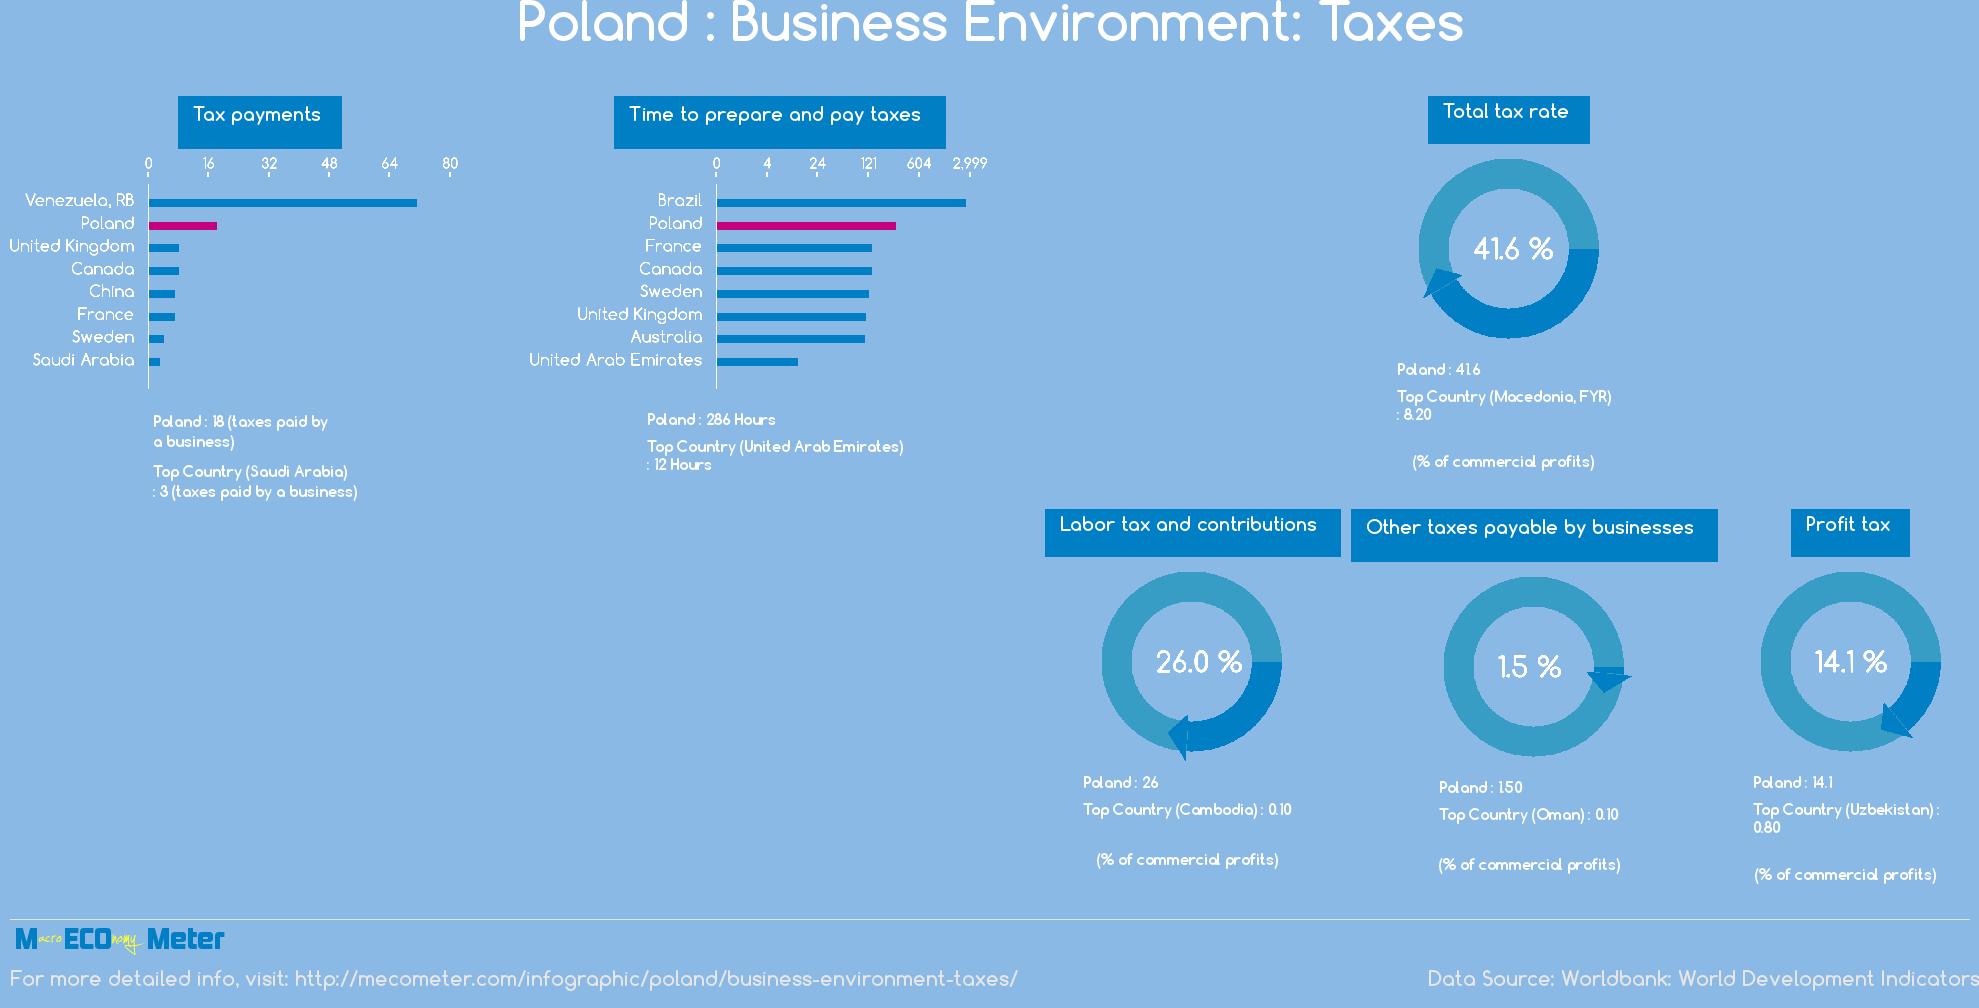 Poland : Business Environment: Taxes